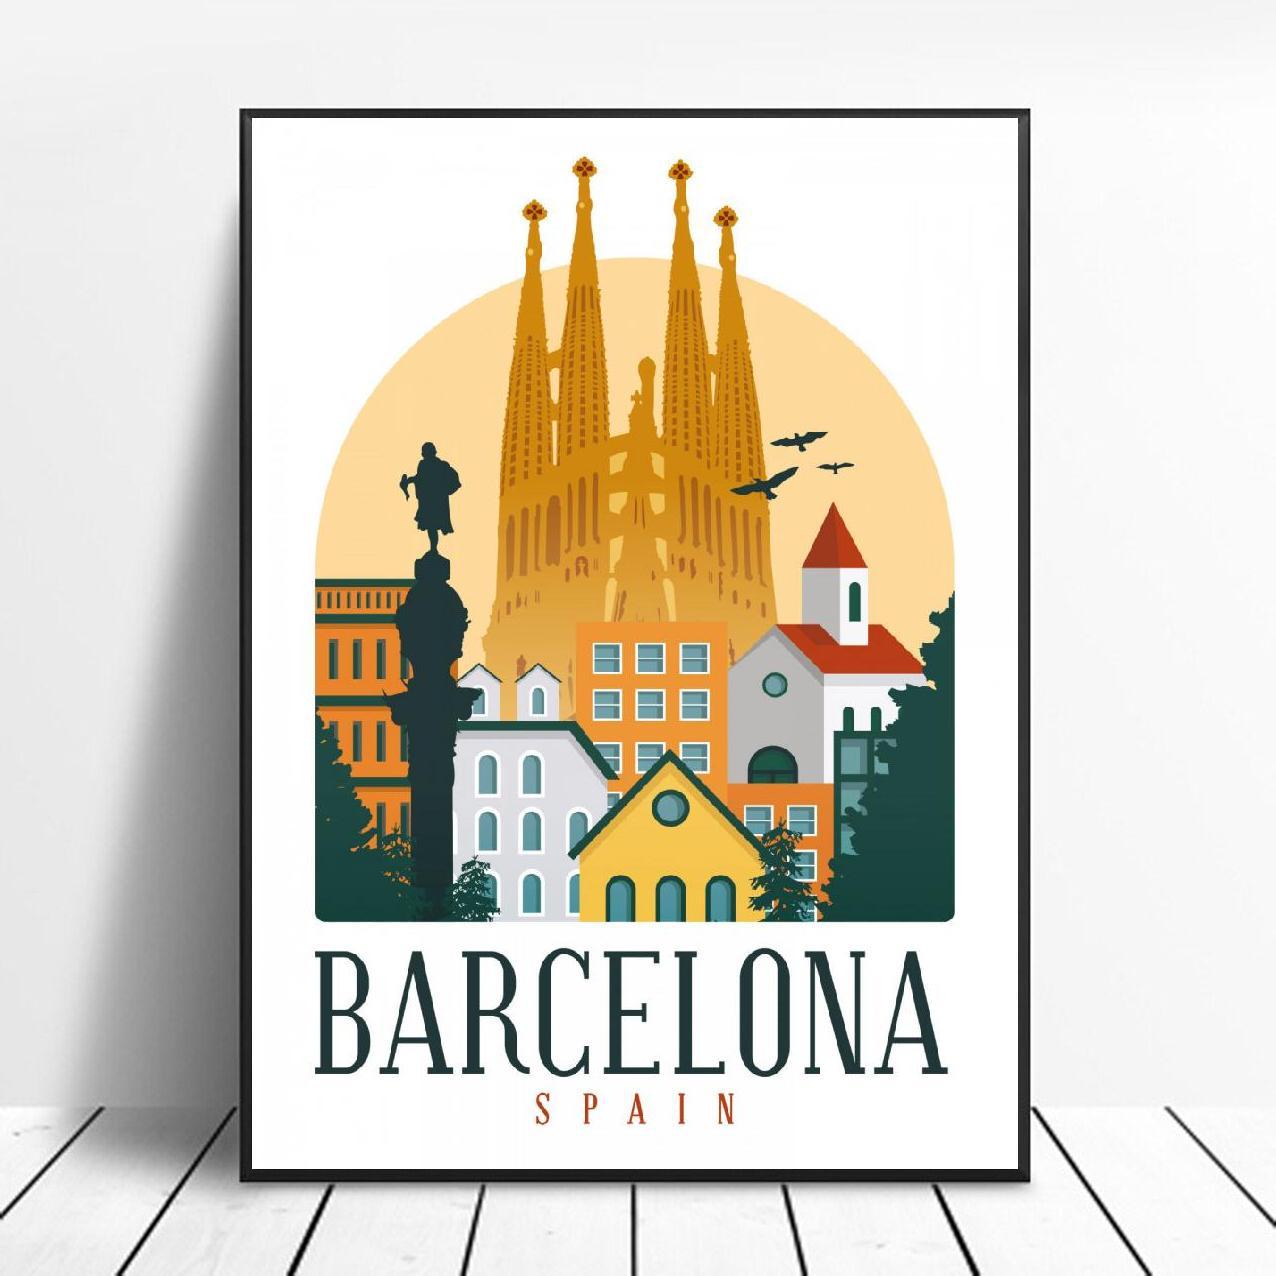 Póster Artístico de lona con estampado de Barcelona para pared, imagen moderna...